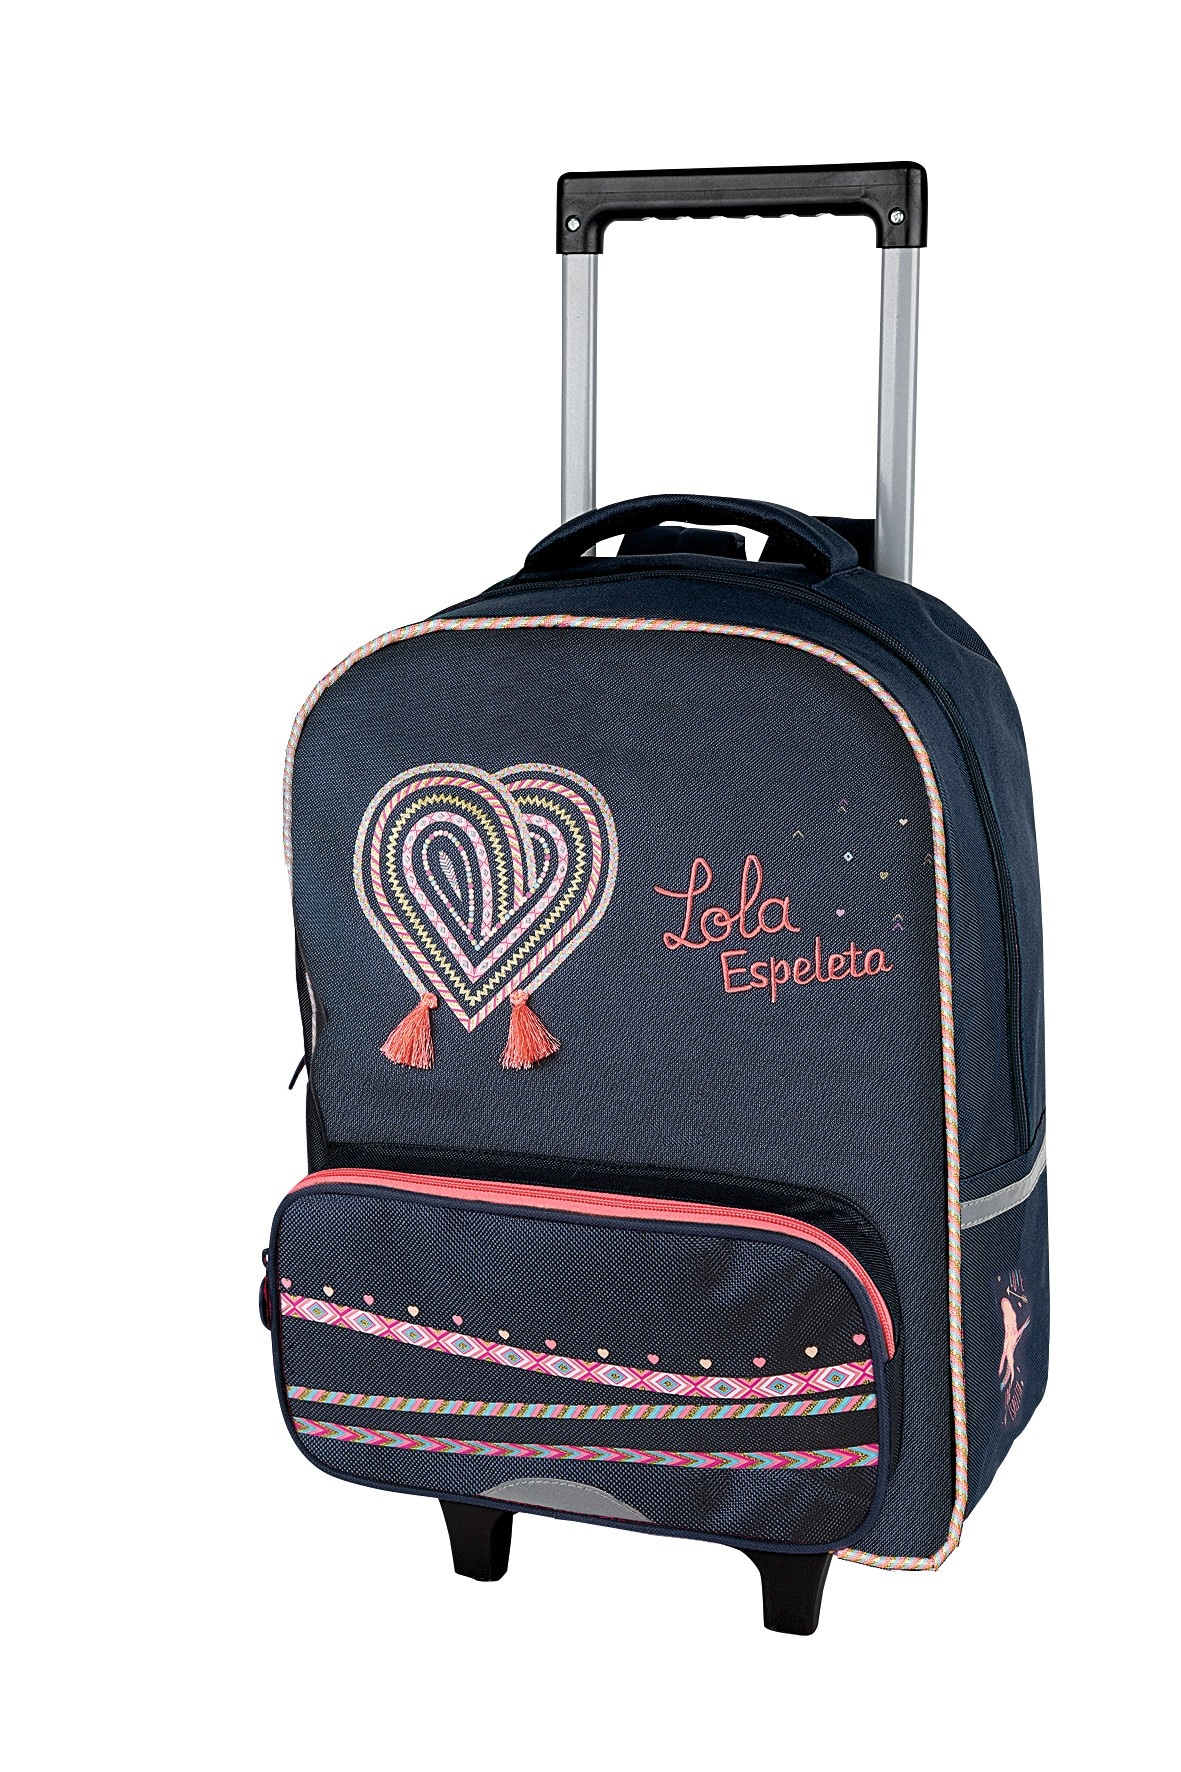 Lola Espeleta - Sac à dos à roulettes - 1 compartiment - Exclusivité Bureau Vallée - Oberthur